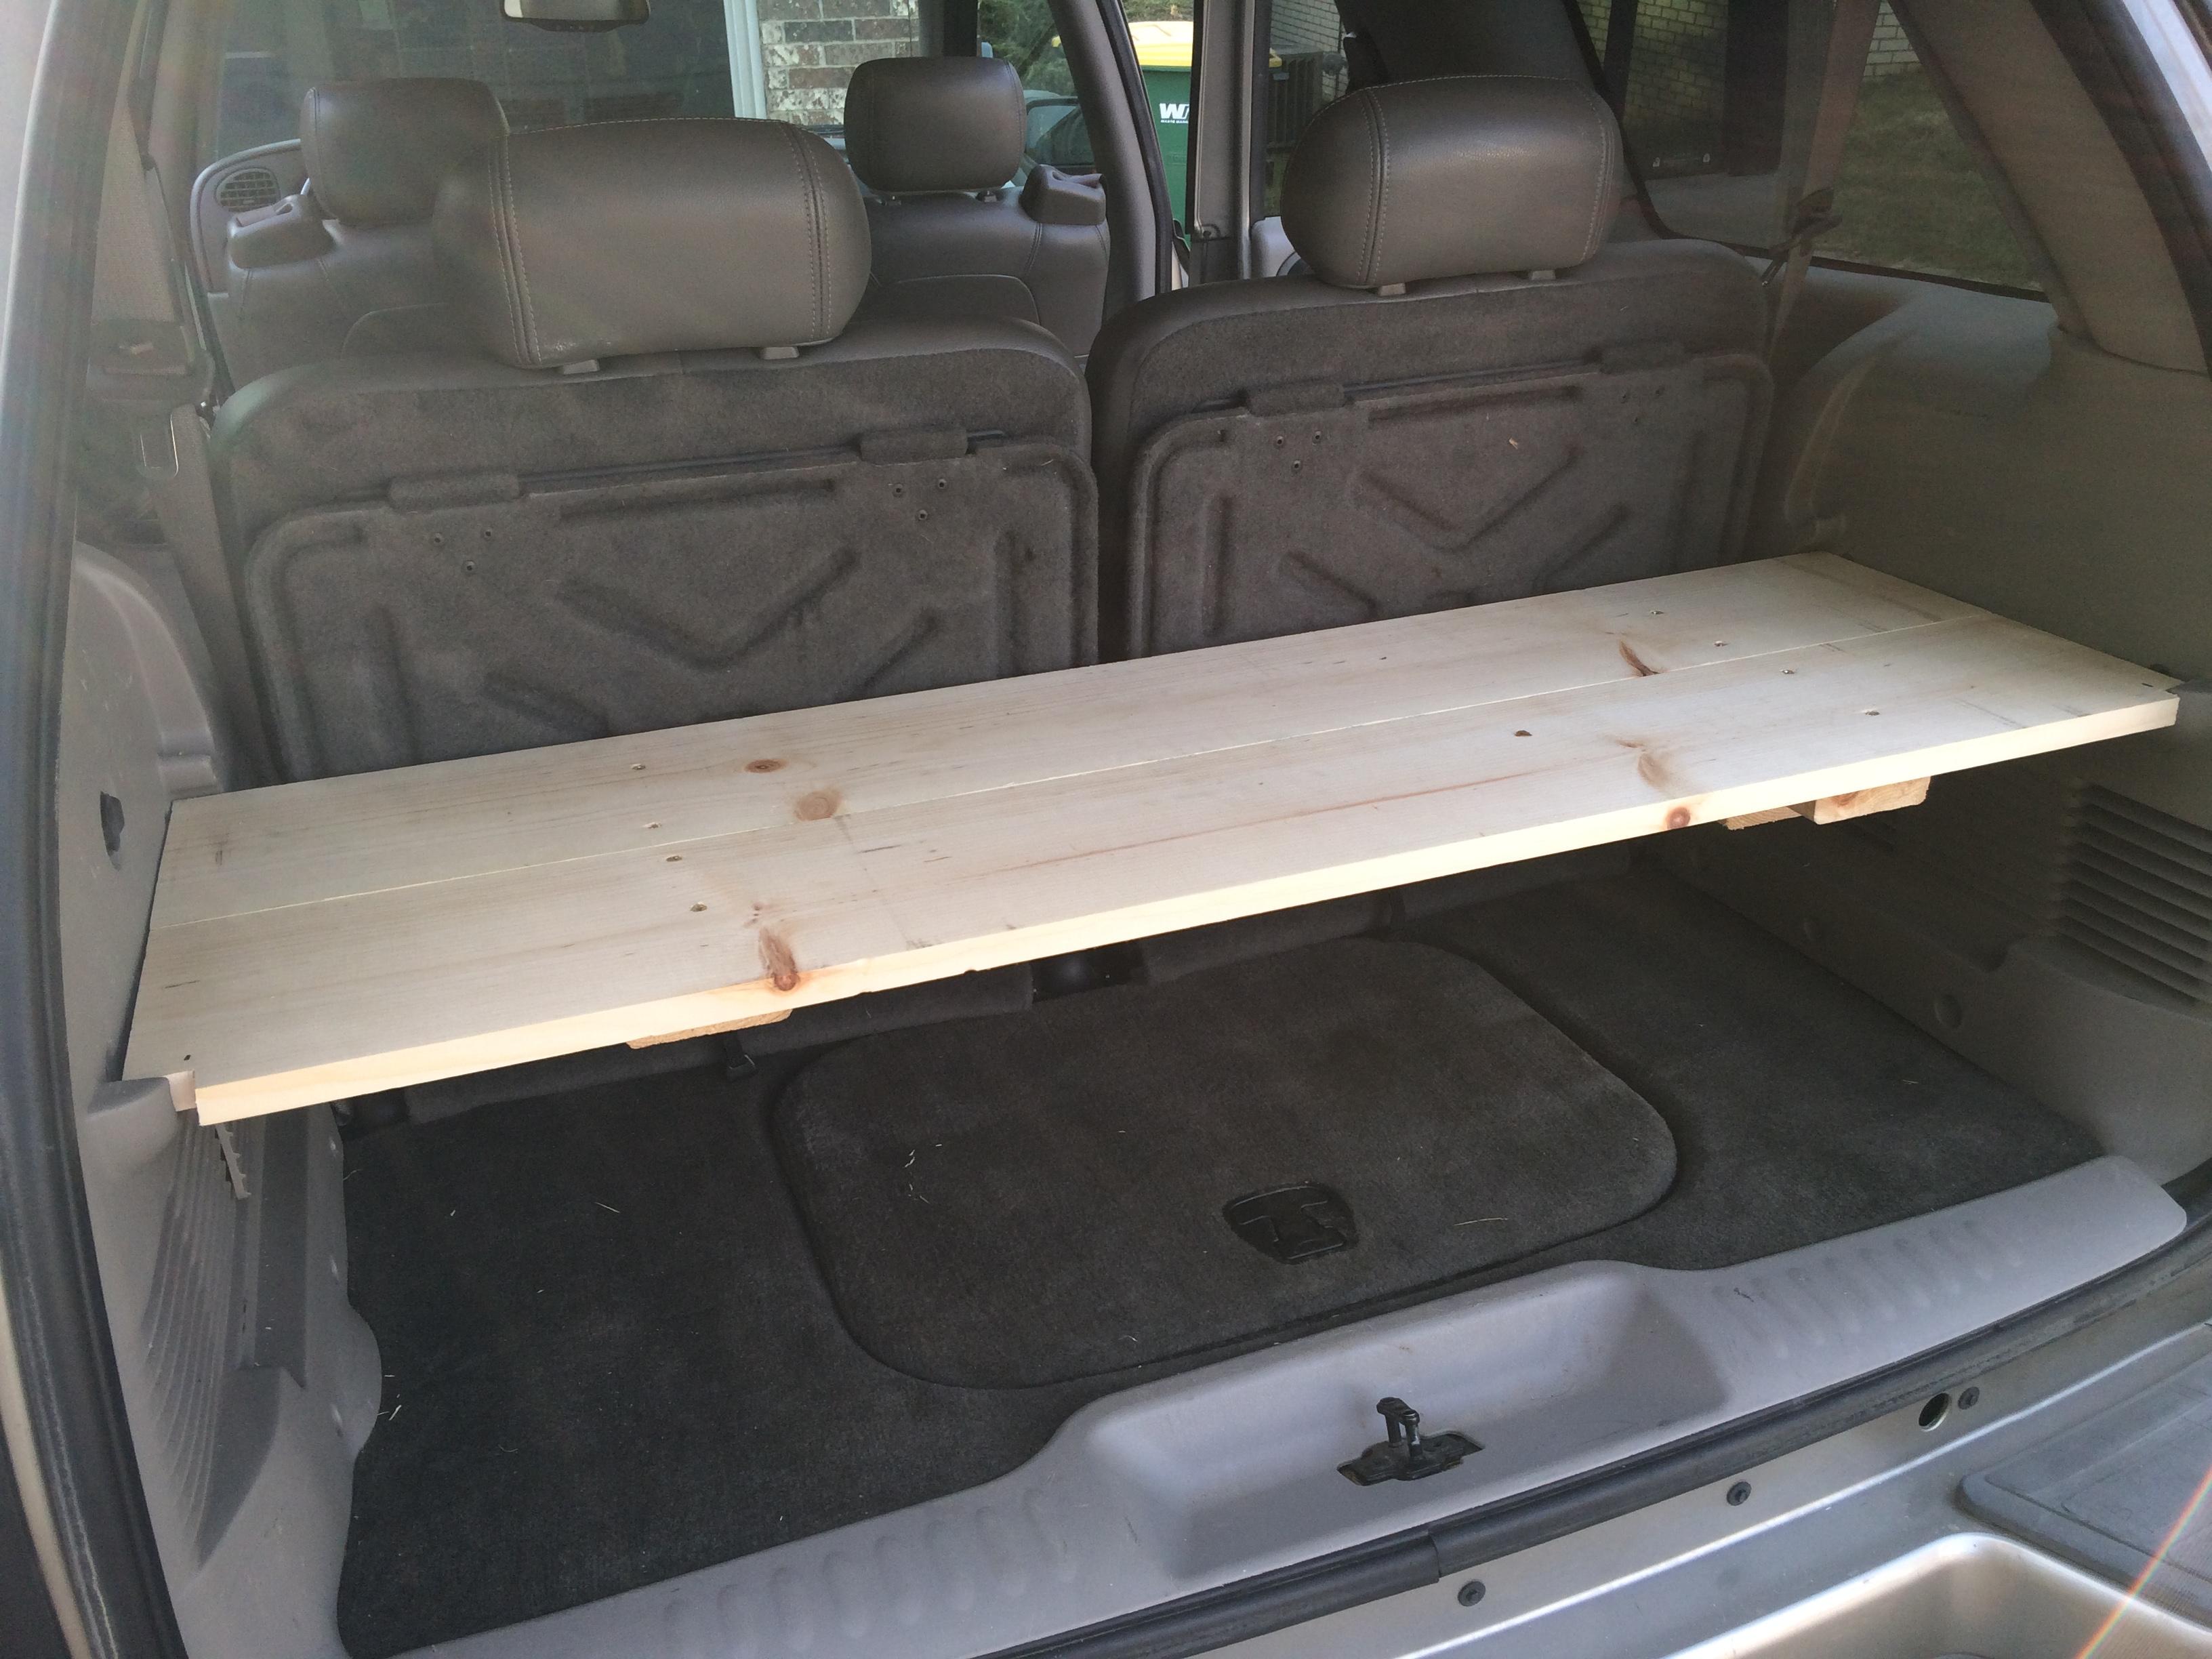 $14 DIY cargo shelf for Chevy Trailblazer - Rob McBryde